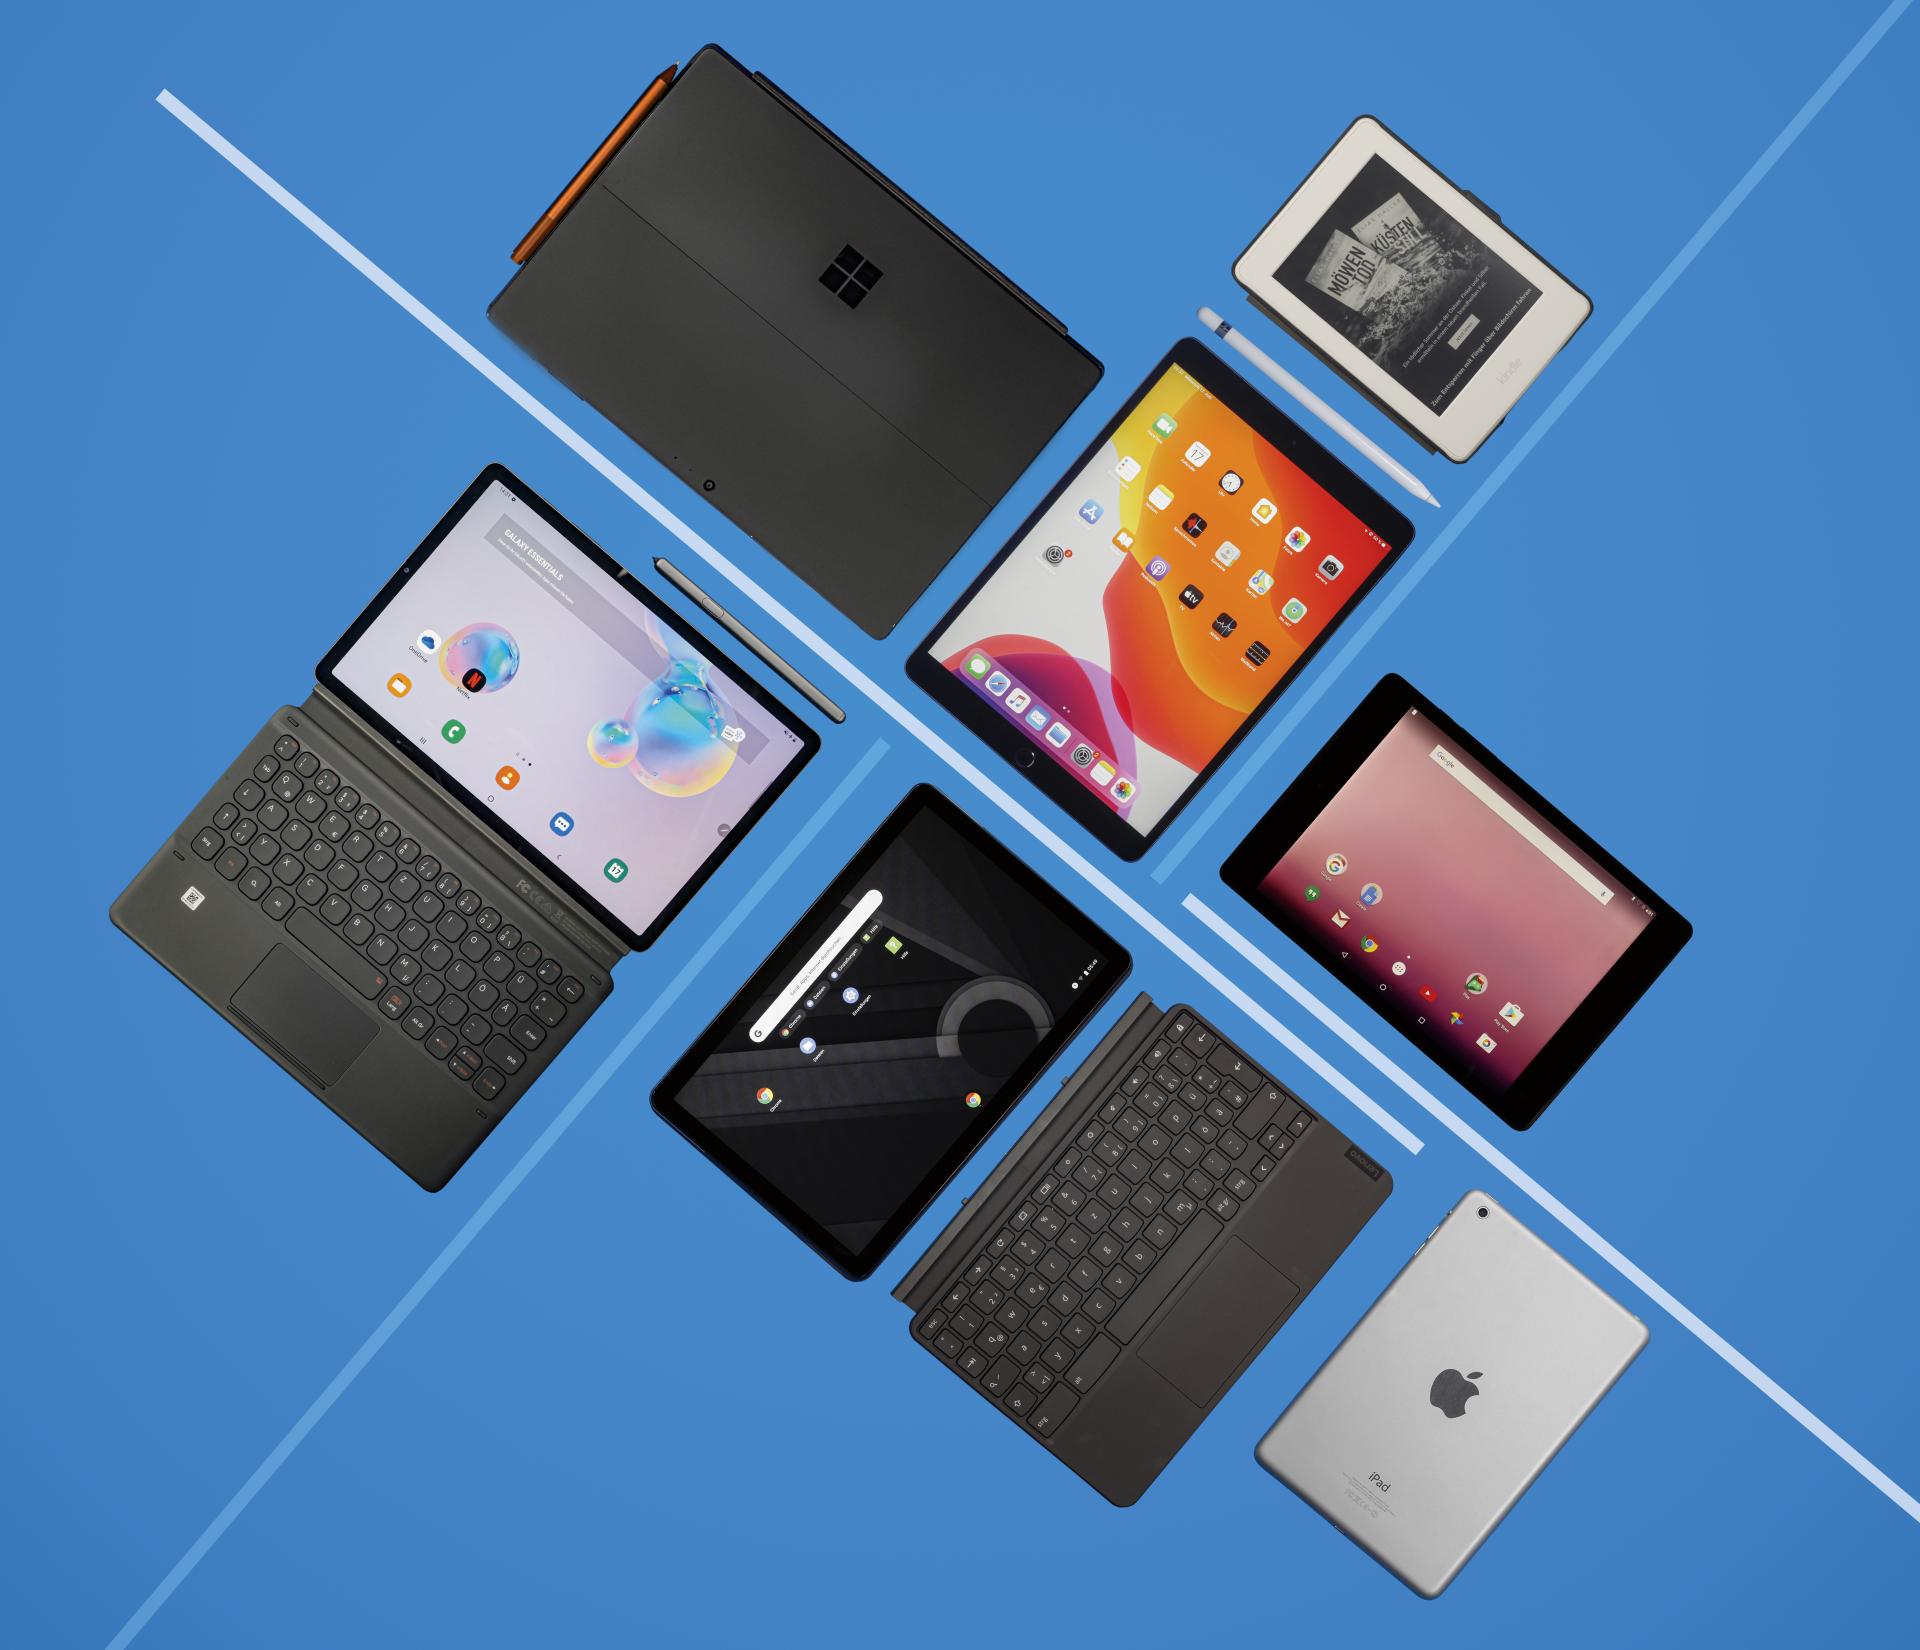 tablet kopen voor YouTube en andere media